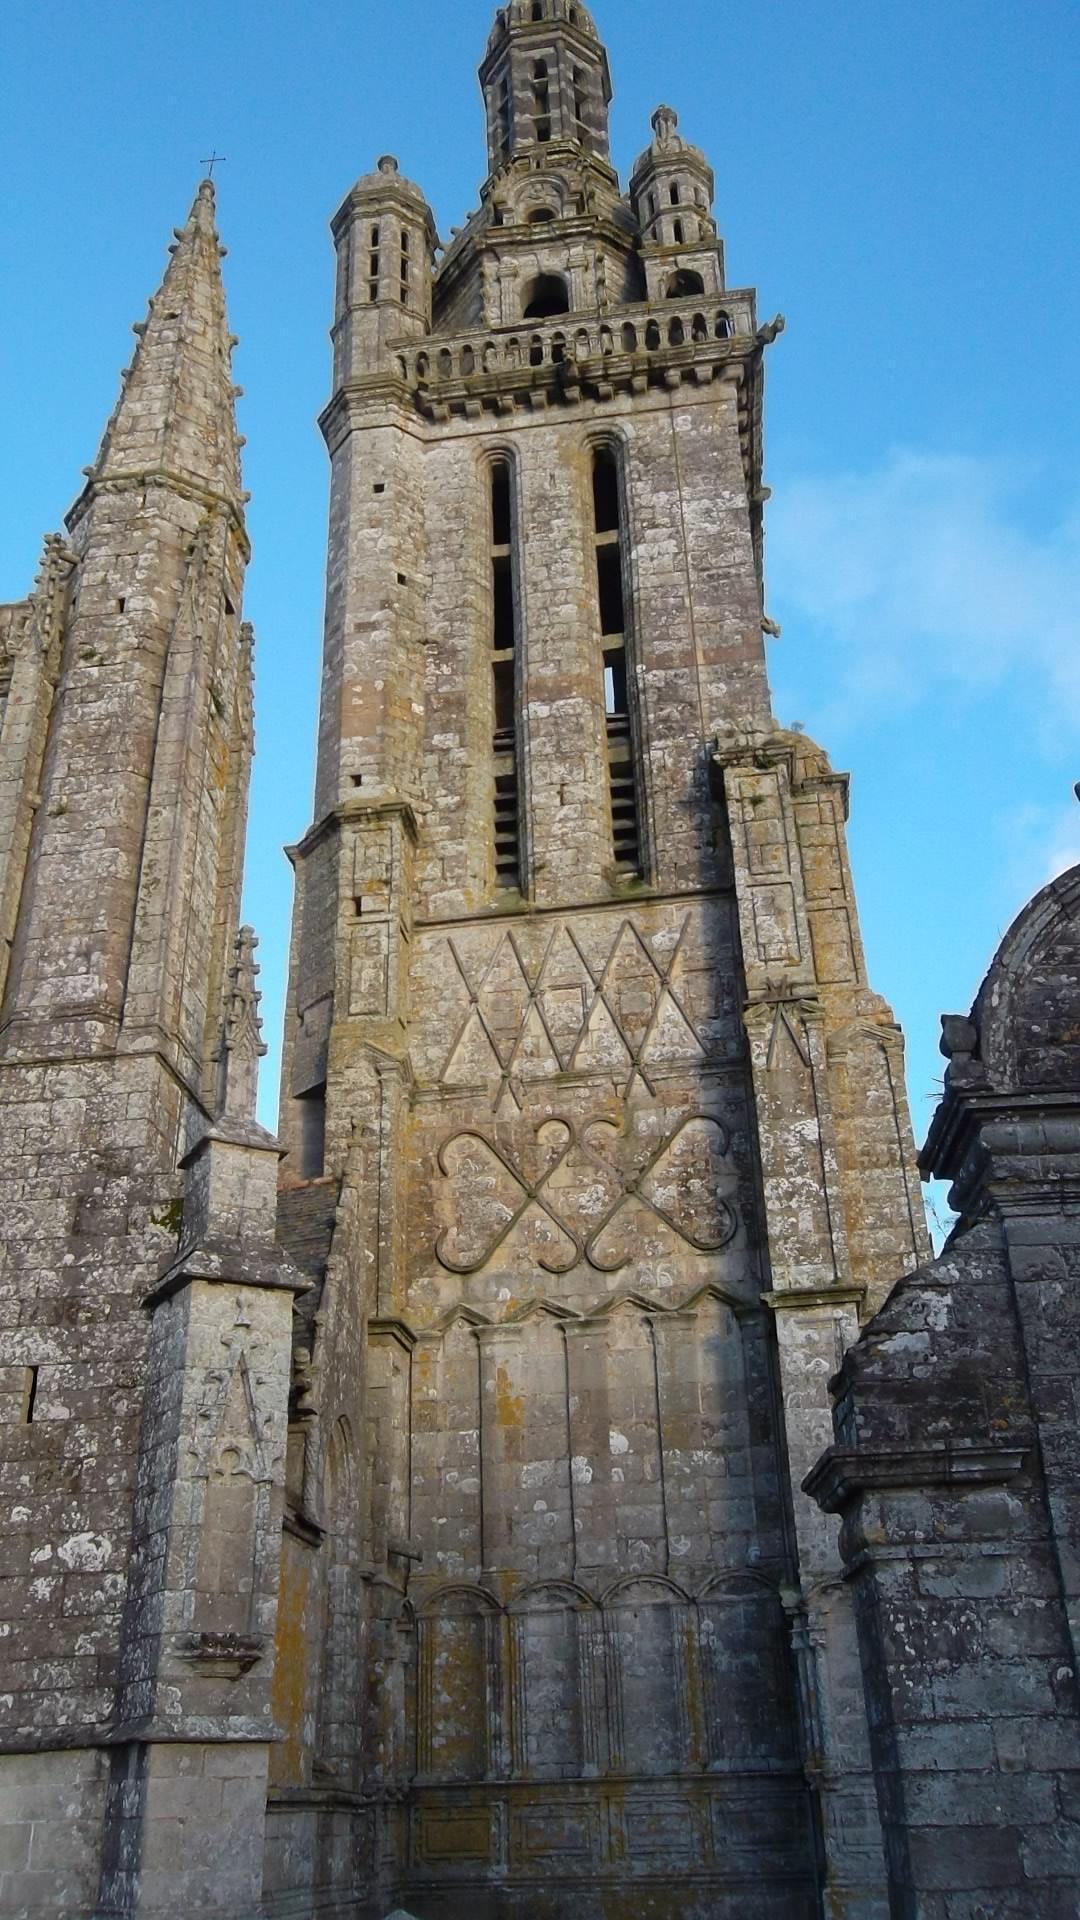 Pleyben enclos ch Saint Germain l'Auxerrois belltower nov12